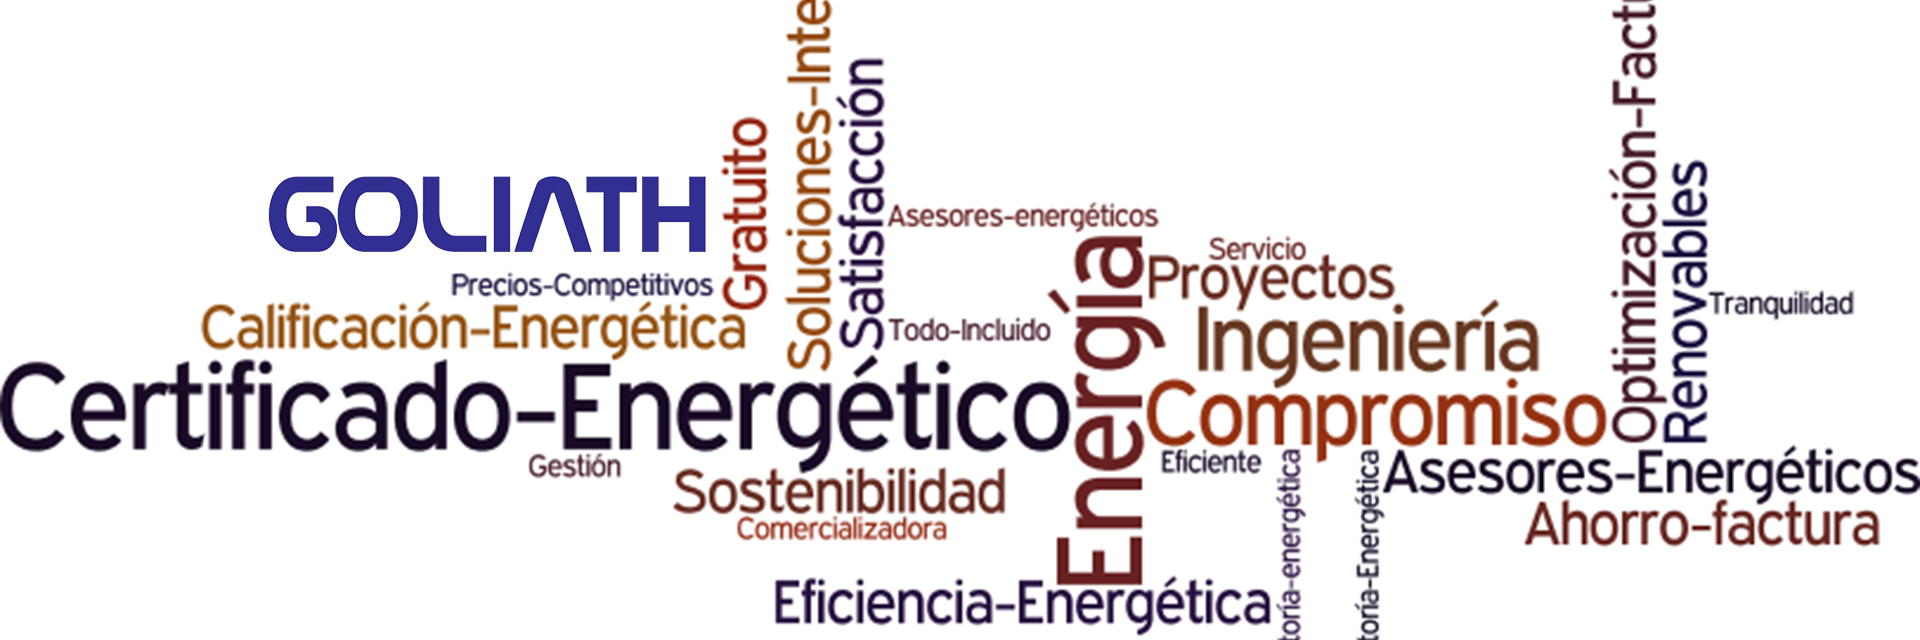 GOLIATH EFICIENCIA ENERGETICA